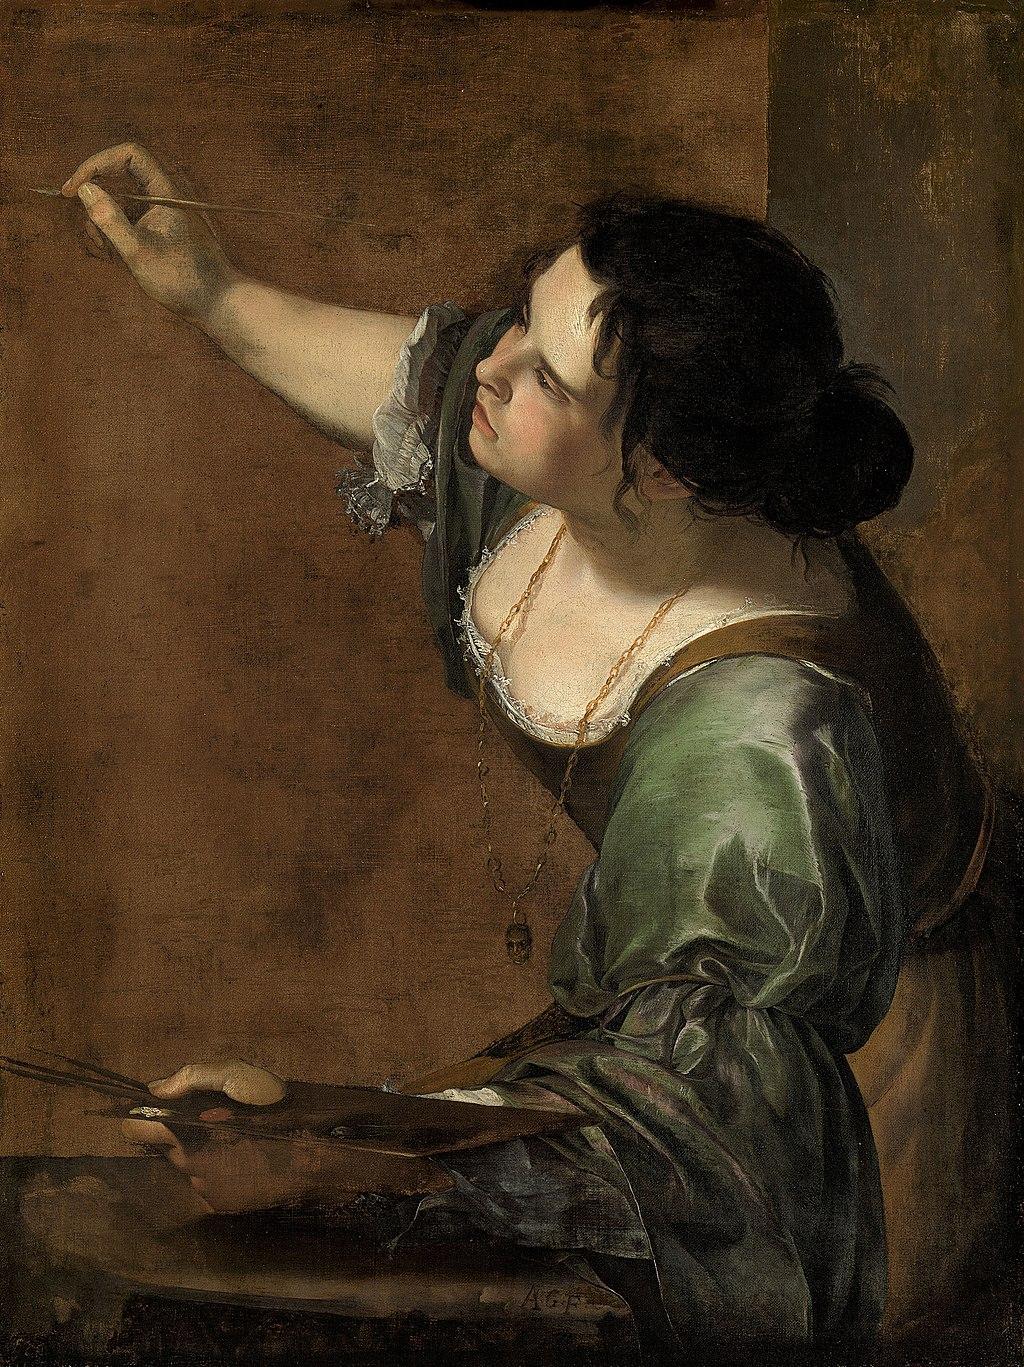 s02e52_Artemisia_Gentileschi.jpg